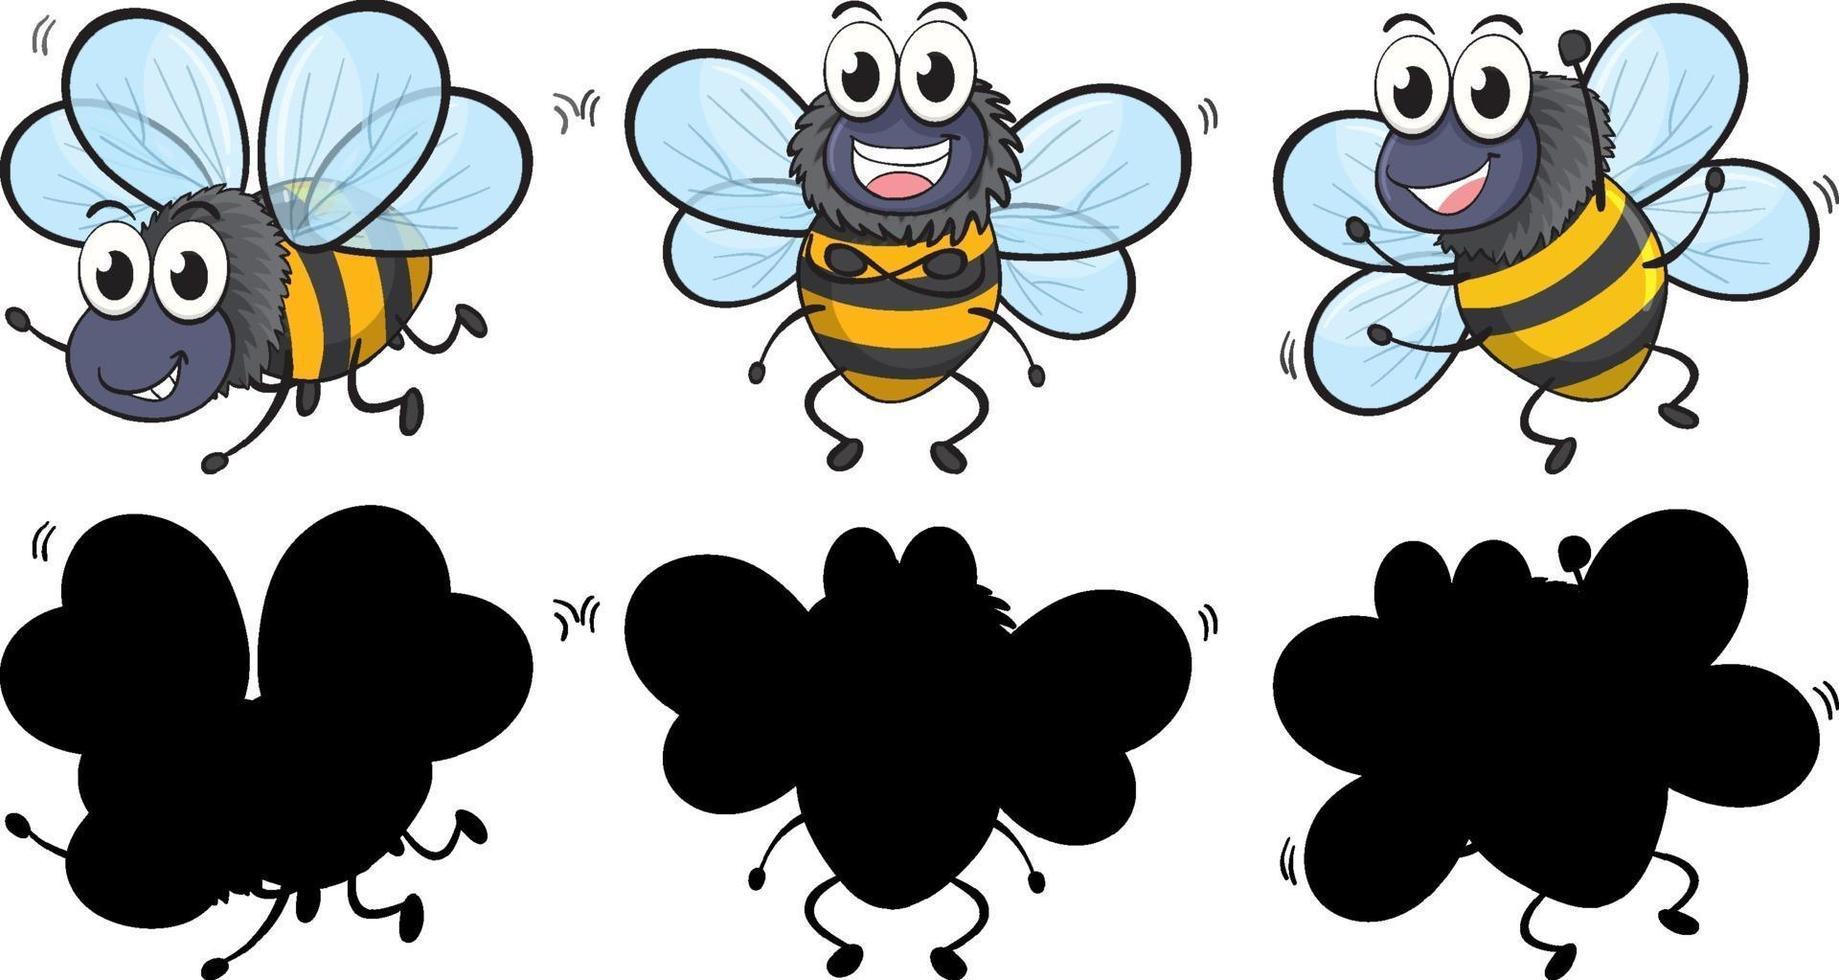 söt bi i tre positioner med sin silhuett på vit bakgrund vektor